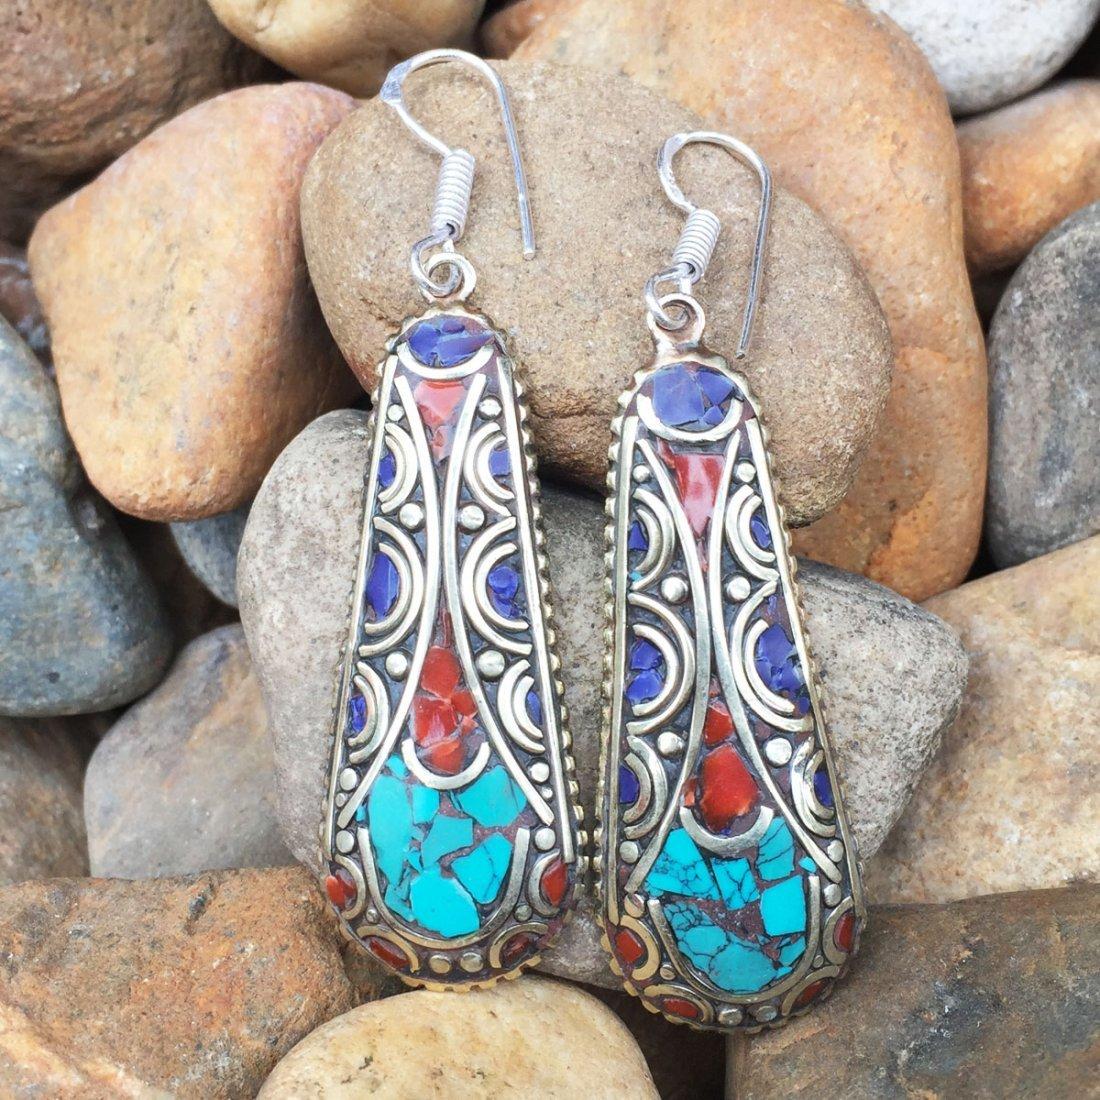 Tibetan Handmade Nepali Ethnic Earring